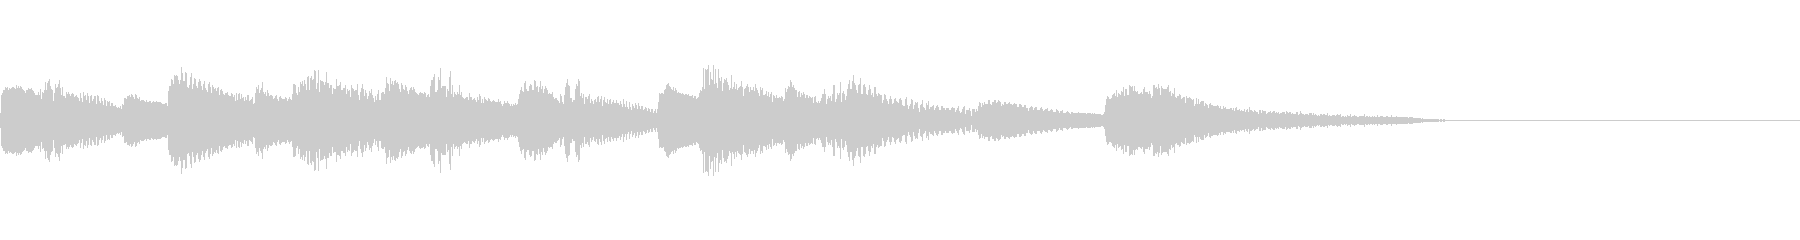 場面転換チャプター転換にピアノジングルの未再生の波形